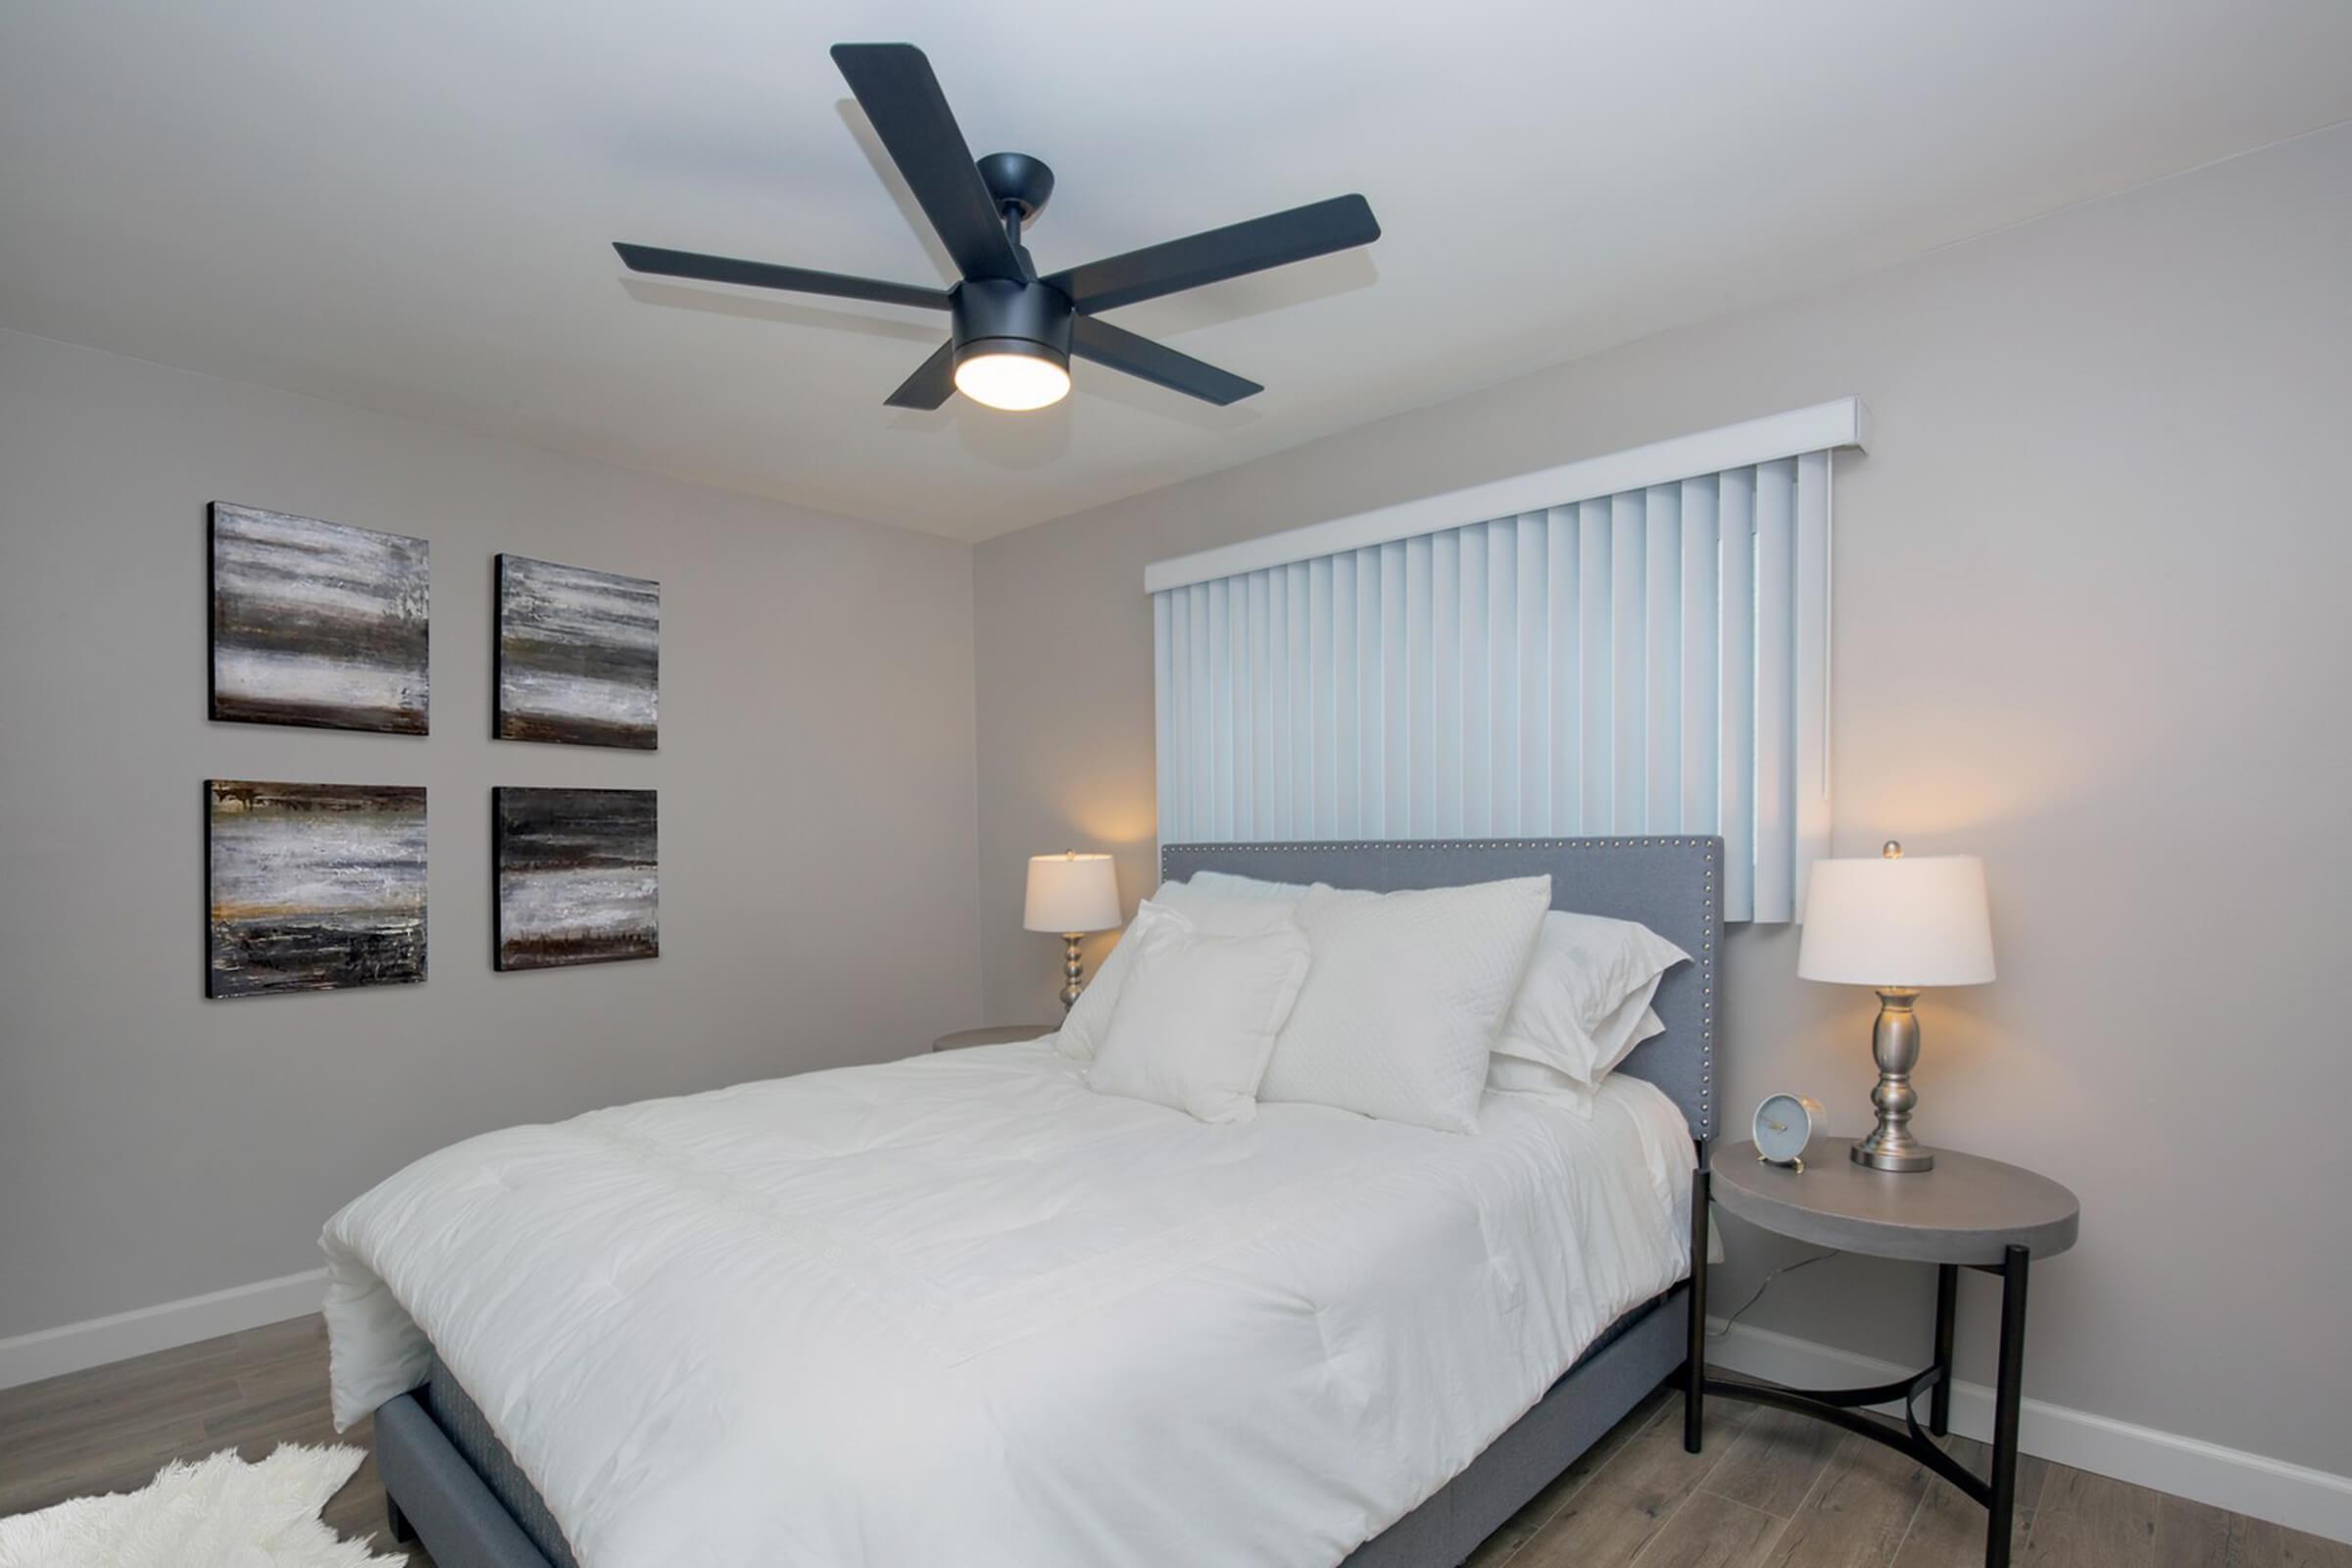 ELEGANT BEDROOM AT THE CAPRI GLENDALE IN GLENDALE, CA